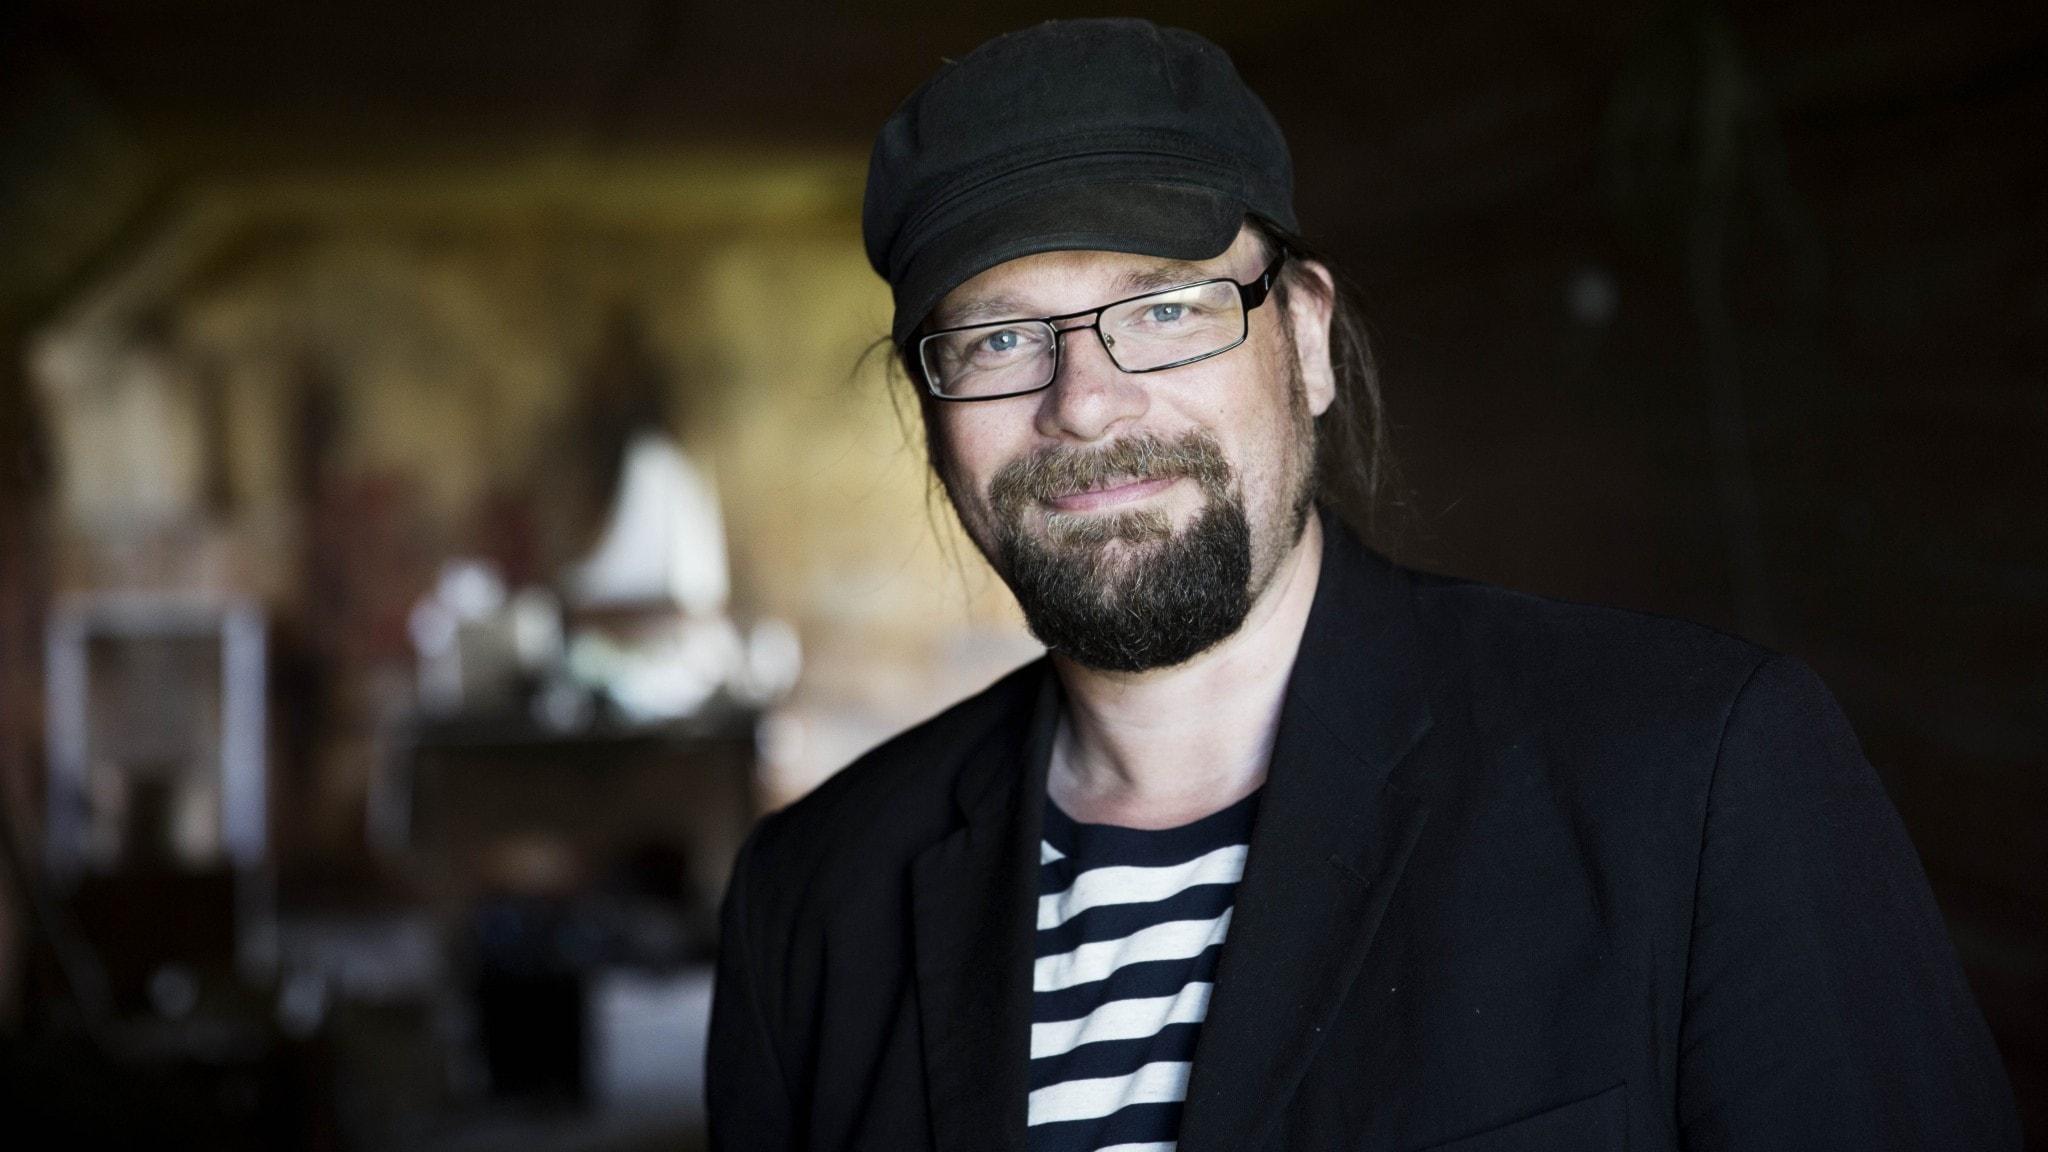 KONSERT: Jämtland i våra hjärtan med spelmannen Kjell-Erik Eriksson